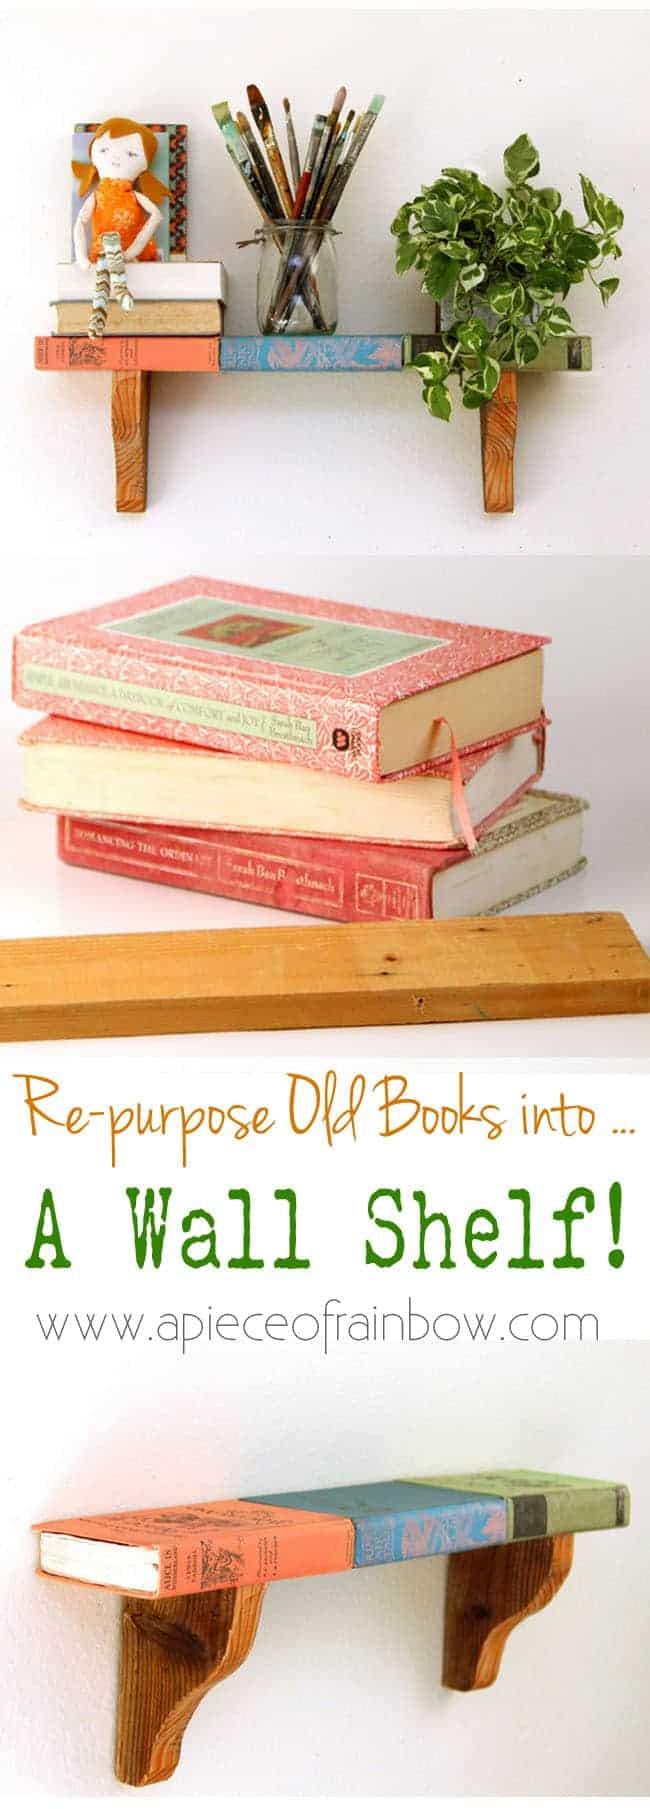 Repurposed books wall shelf